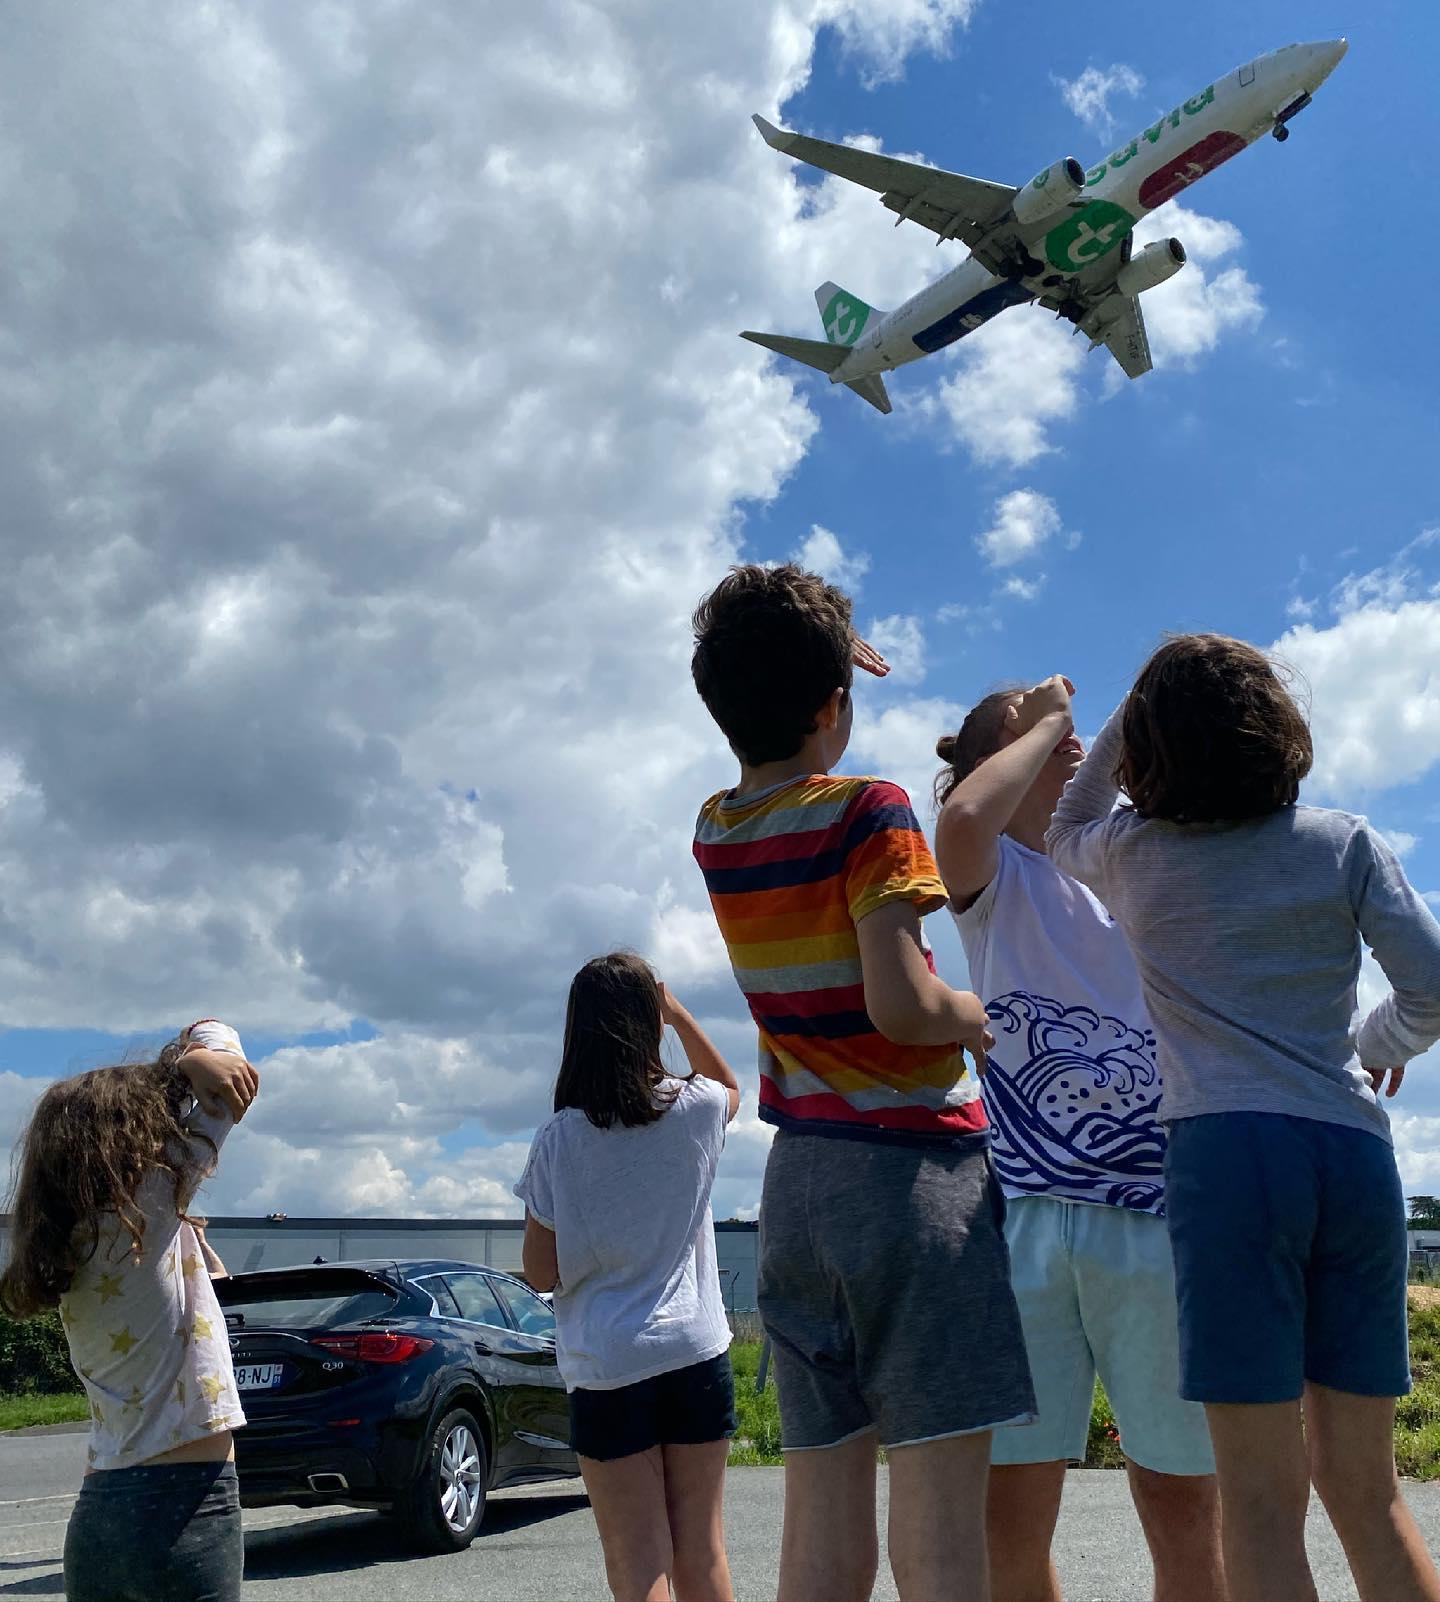 Comment observer les avions d'orly gratuitement ?